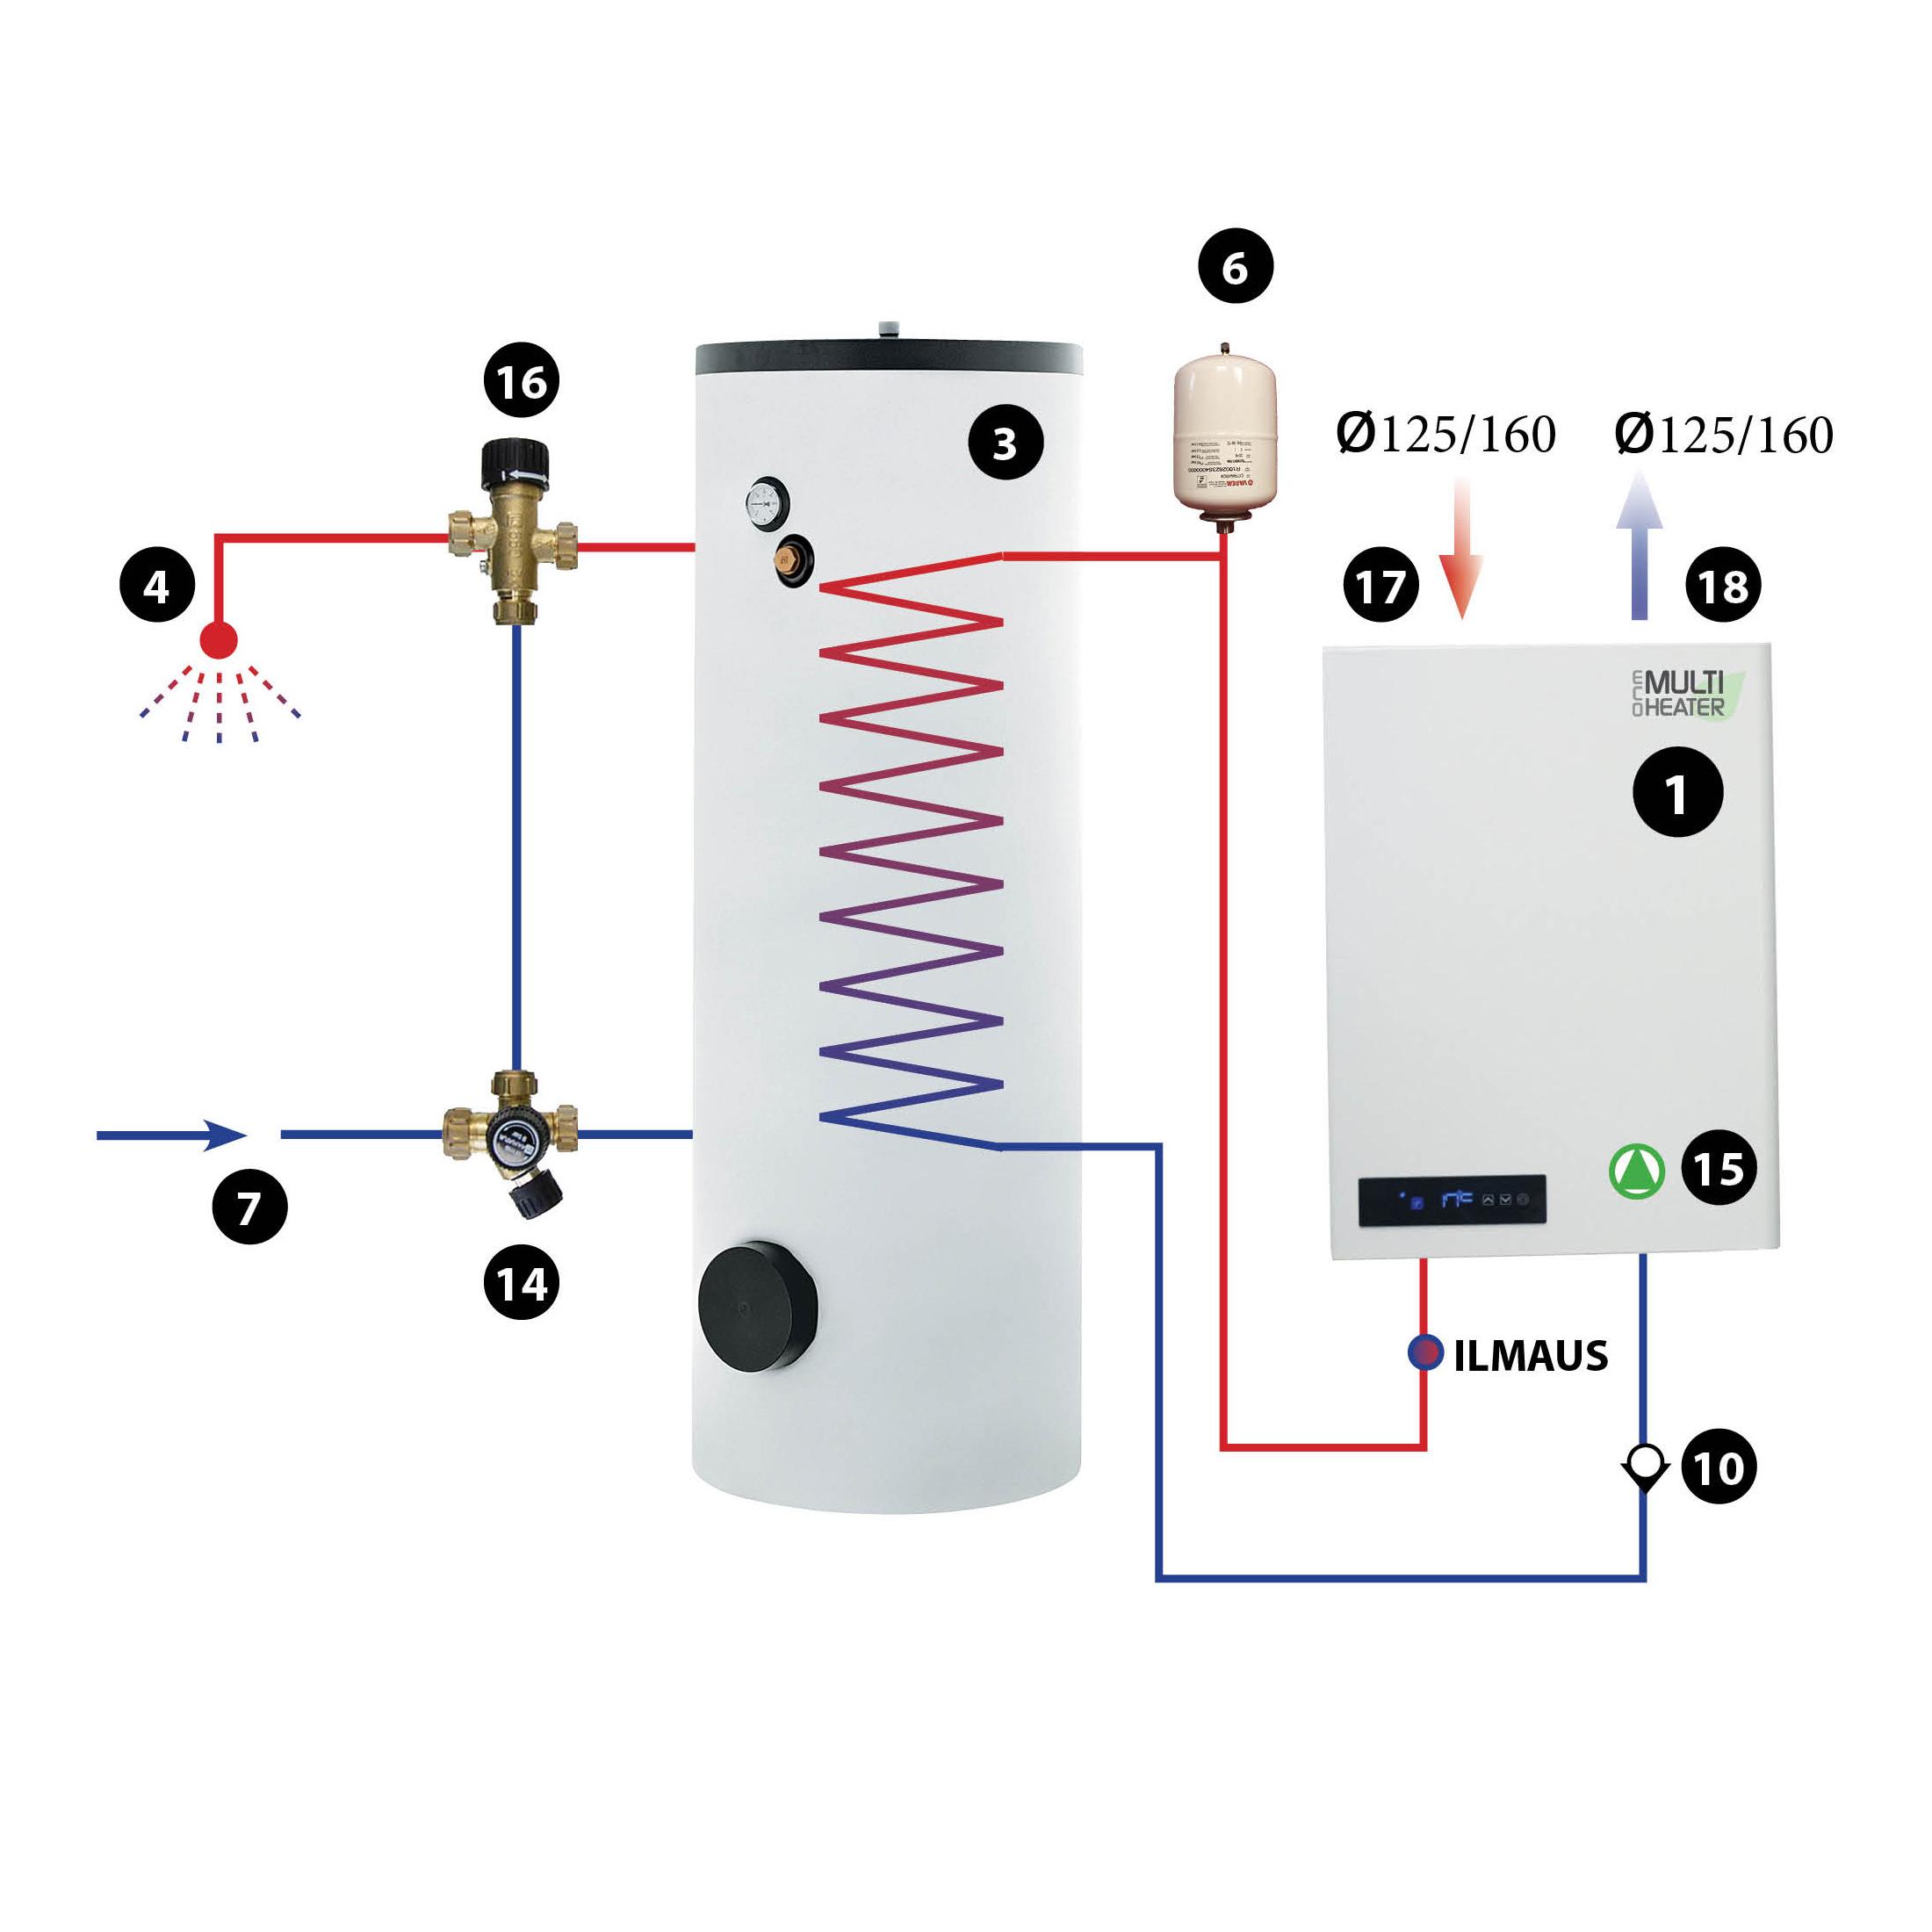 Käyttöveden lämmitys sekä talon vesipatterilämmitys Multiheater Eco hoitaa ilmanvaihdon ja ottaa jäteilmasta lämpöenergian käyttöveteen sekä talon lämmitykseen.Yksinkertainen kytkentä jossa ensisijasesti käyttövesi pidetään kuumana ja varaajan latauduttua haluttuun lämpötilaan, kääntää vaihtoventtiili lämmön patteriverkostolle. Sopii talon käyttöveden tuotantoon ja päälämmönlähteen tueksi. Lämmityspiirin varaajaan voi liittää minkä tahansa muun lämmönlähteen – öljy- tai puukattila, aurinkokeräimet, ilmavesilämpöpumppu tai sähkövastus.